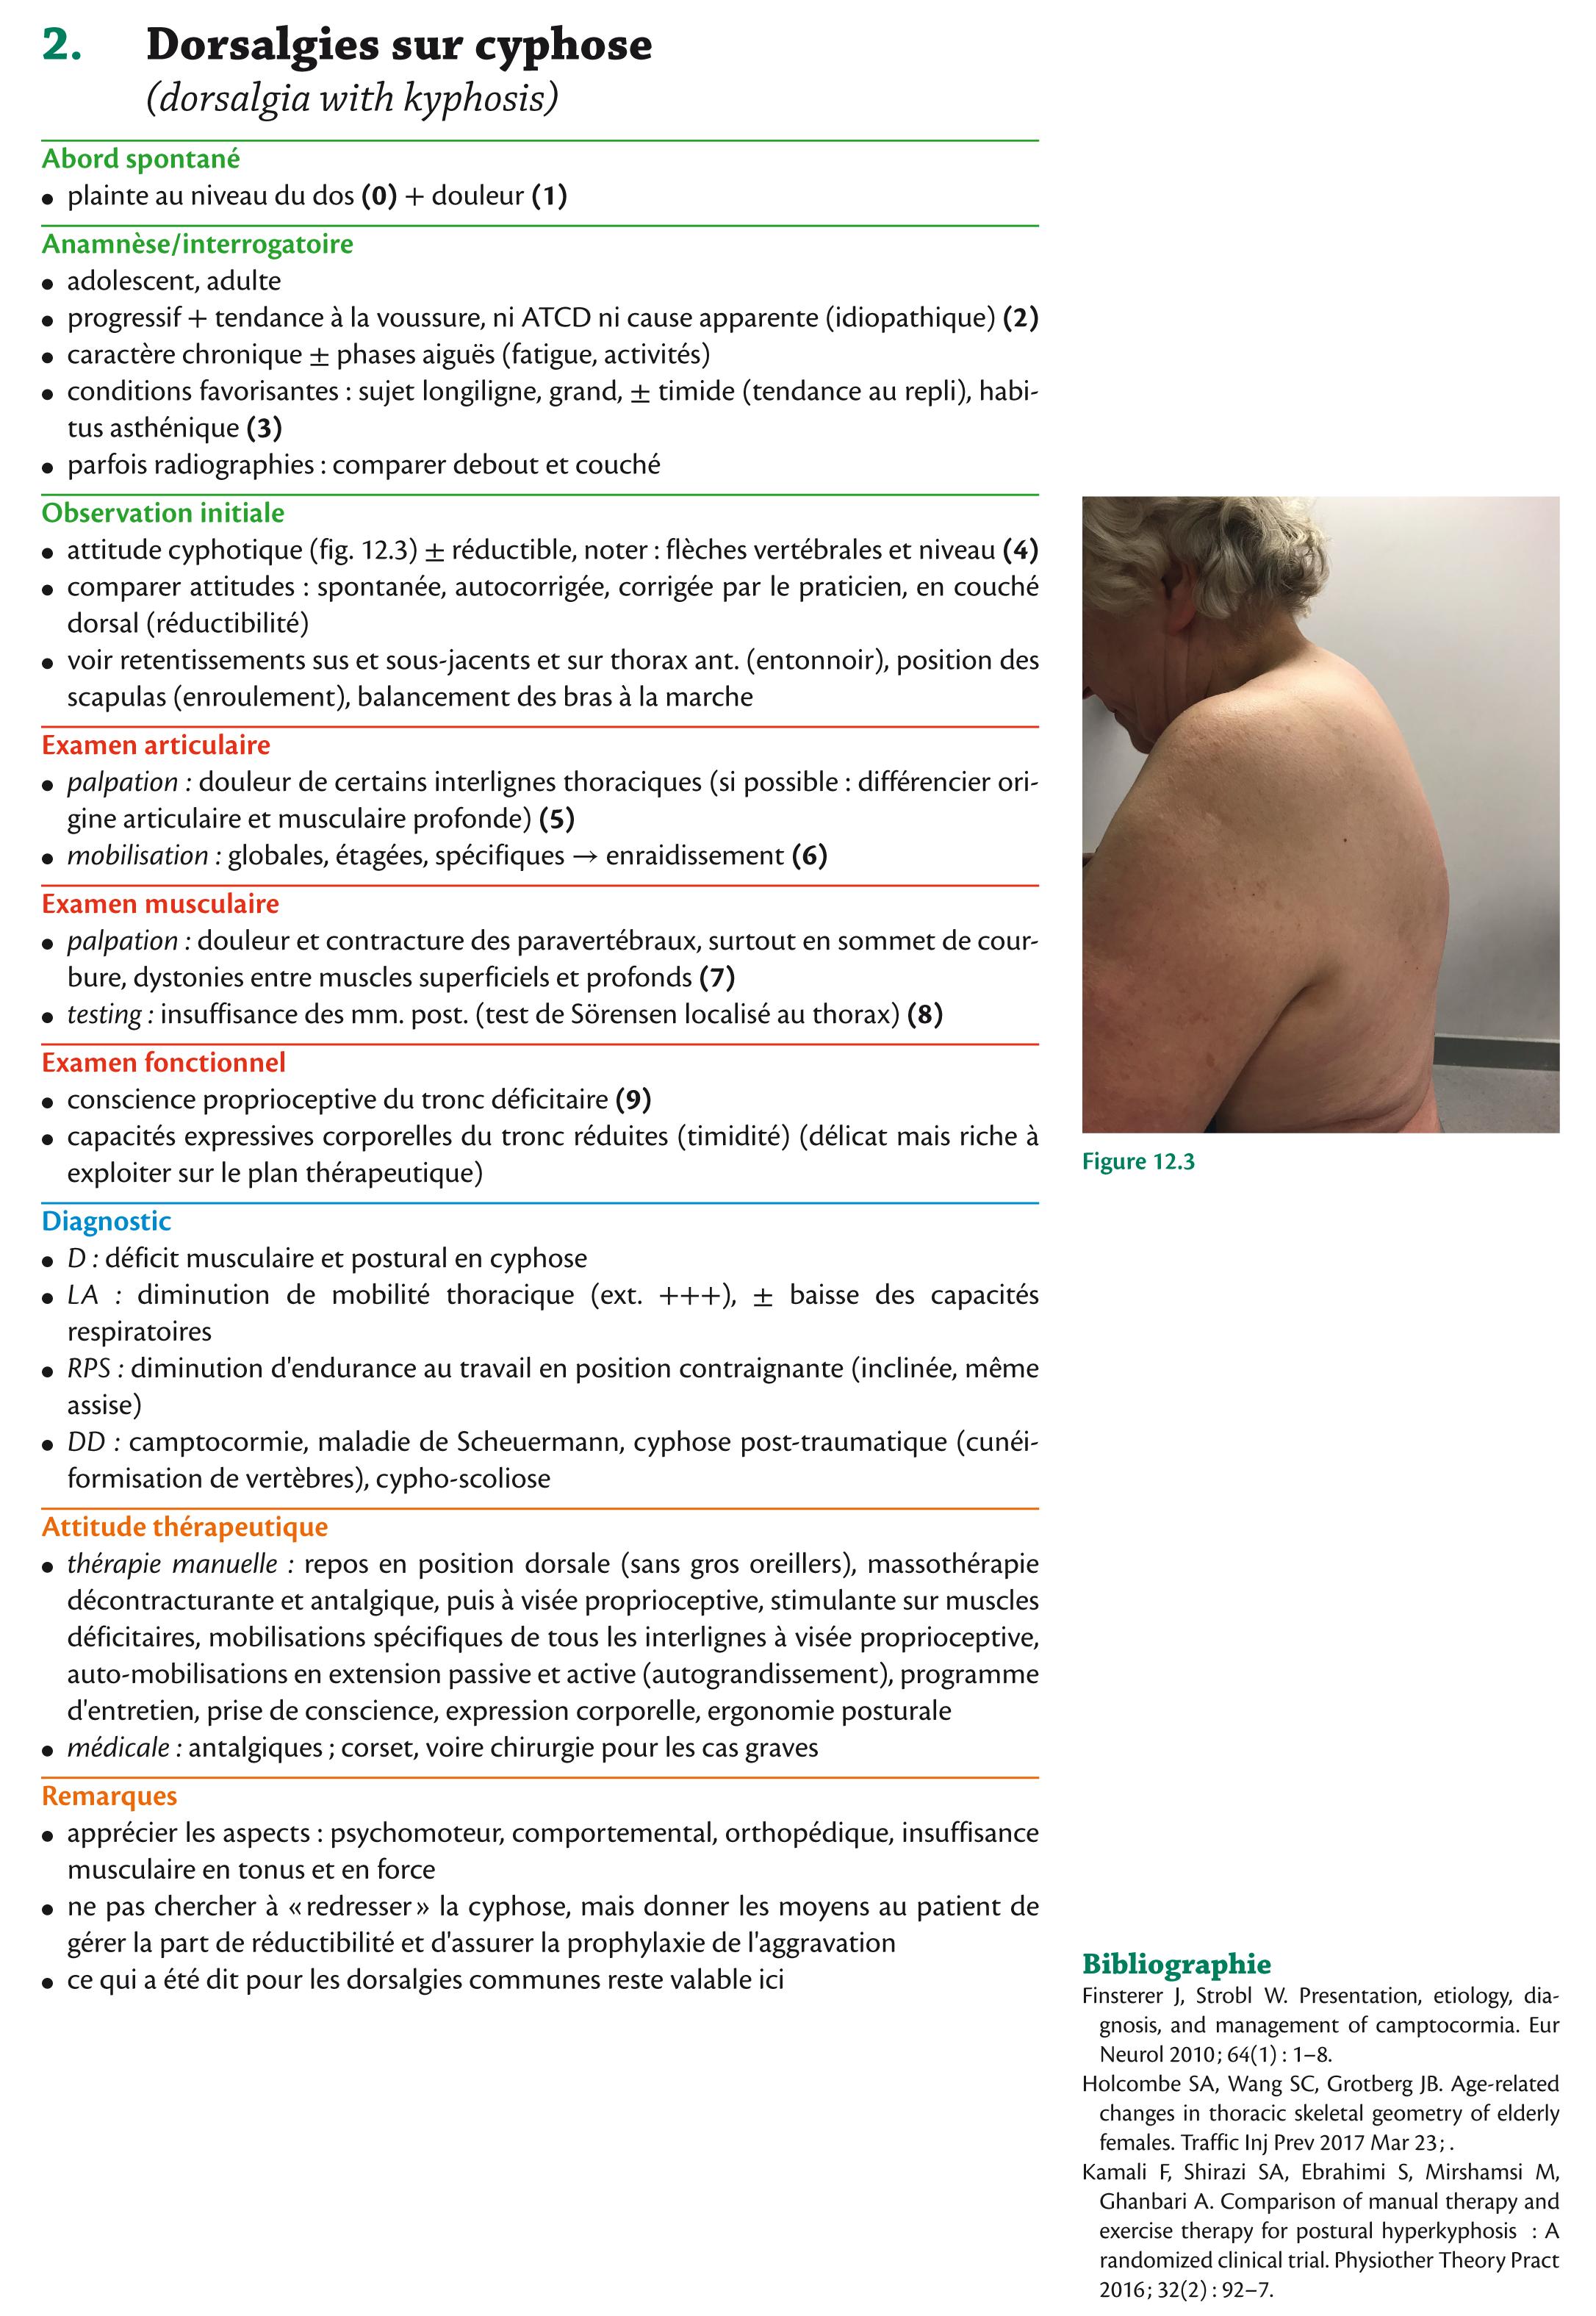 Dorsalgies sur cyphose